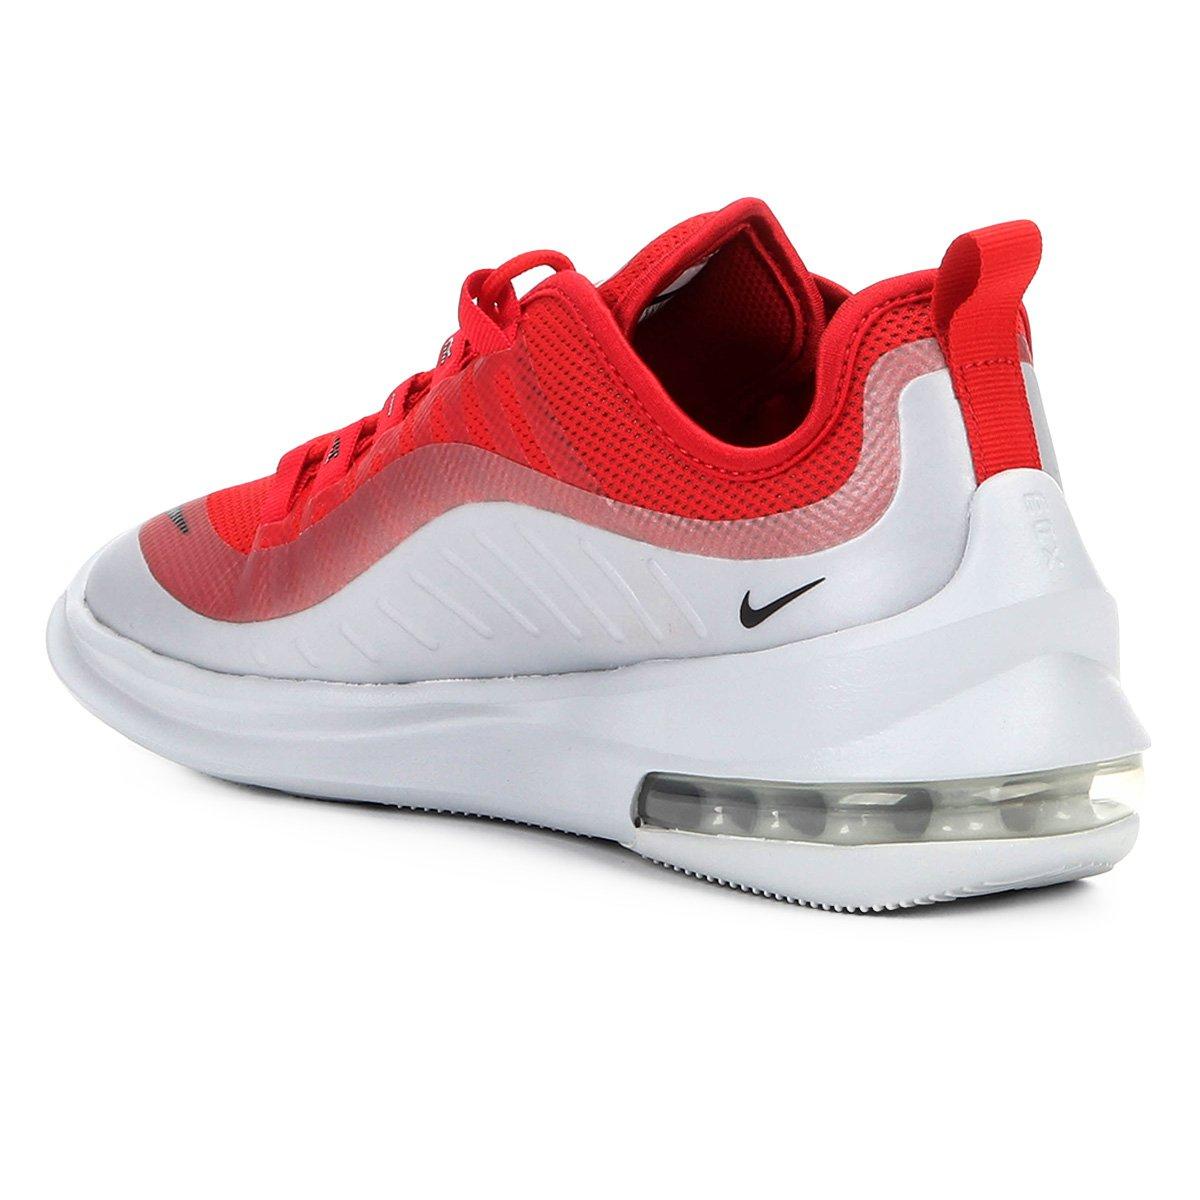 b62af1d775dc5 Tênis Nike Air Max Axis Masculino - Tam: 39 - Shopping TudoAzul